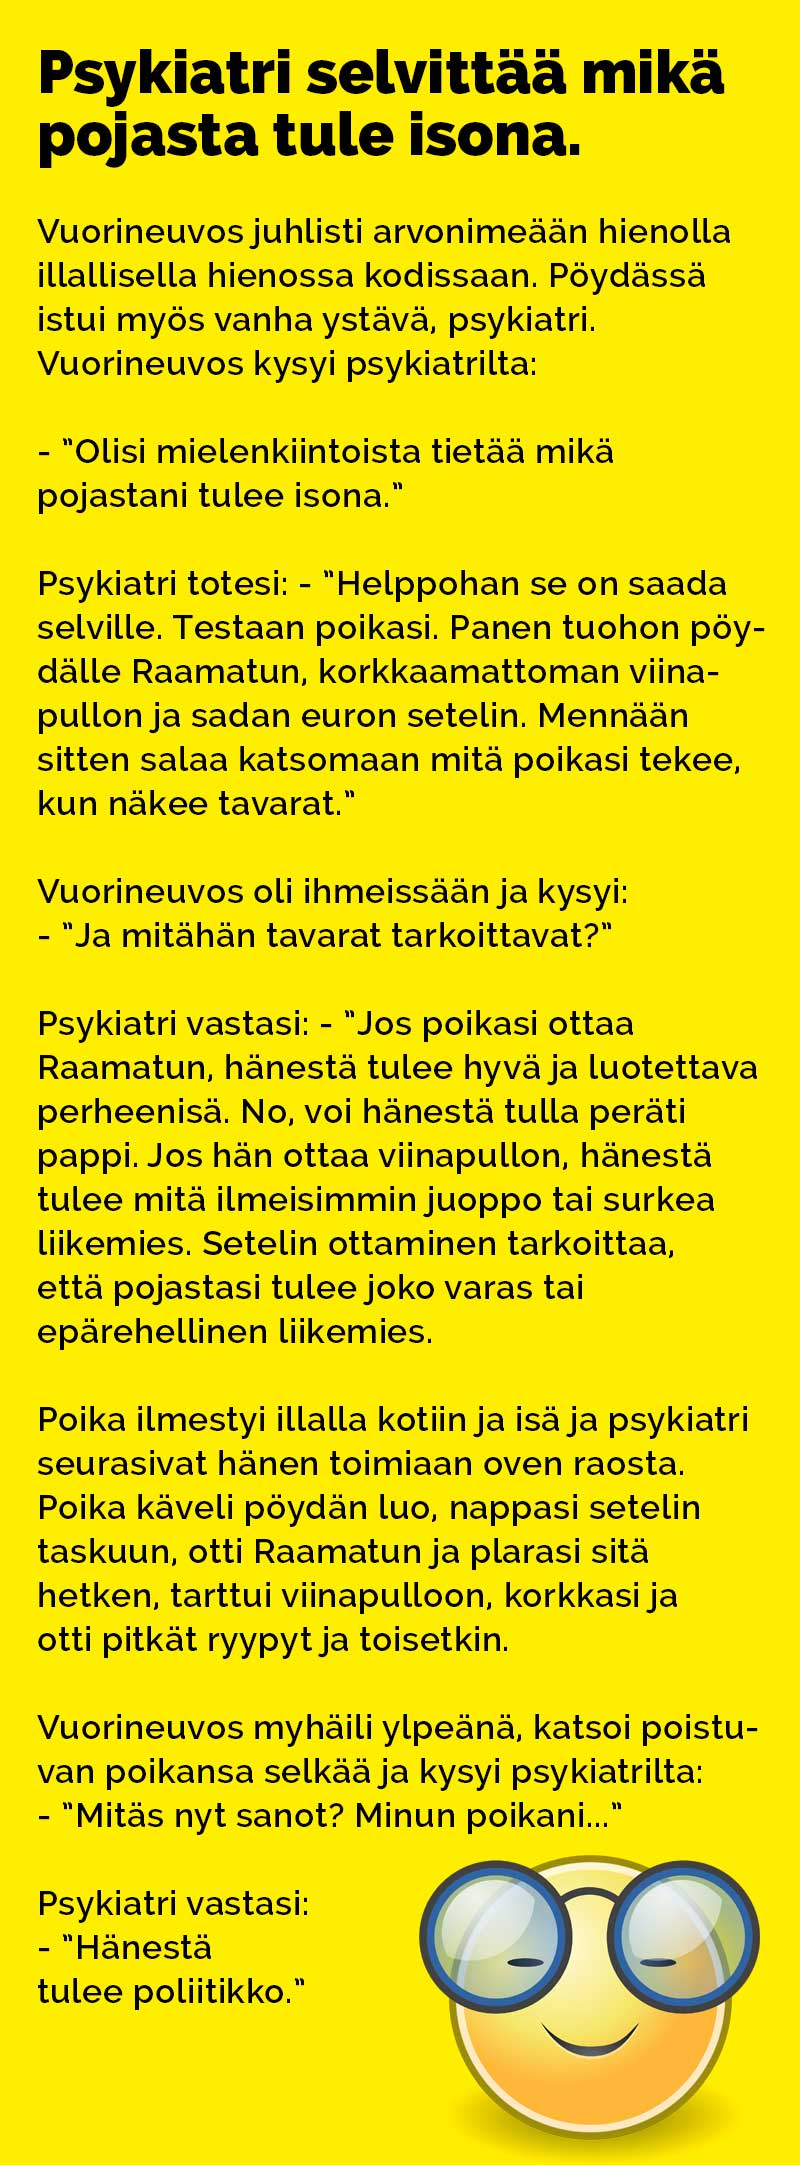 vitsit_psykiatri_selvittaa_mika_pojasta_tulee_isona_2